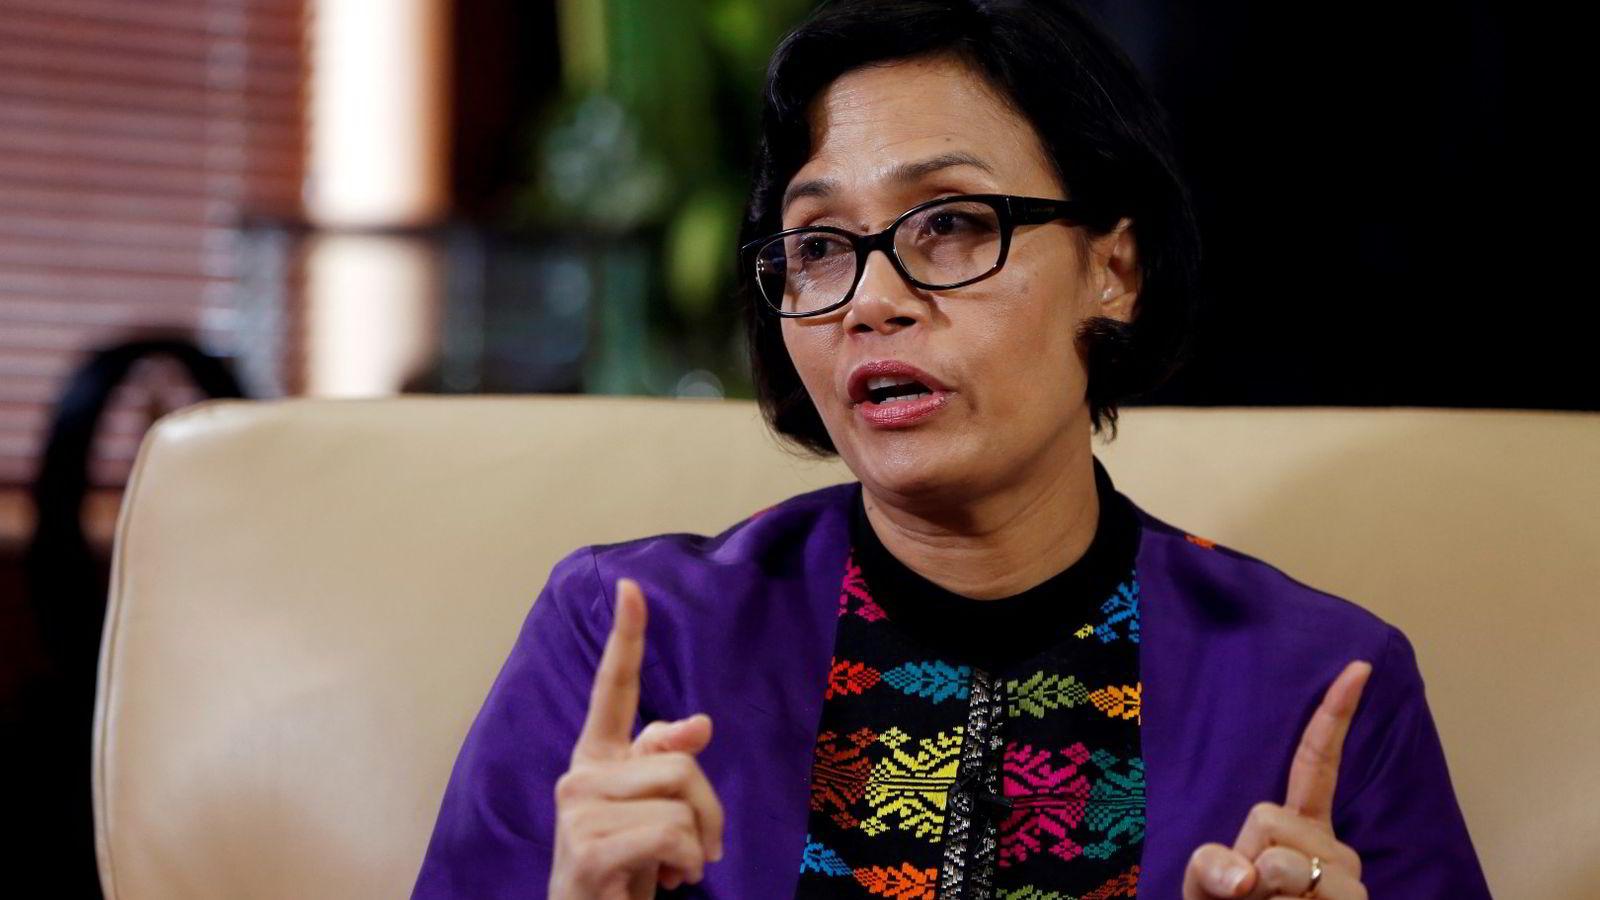 Indonesias finansminister Sri Mulyani Indrawati er glad for alle pengene som kommer inn i statskassen som følge av skatteamnestiet. Foto: Beawiharta/Reuters/NTB scanpix